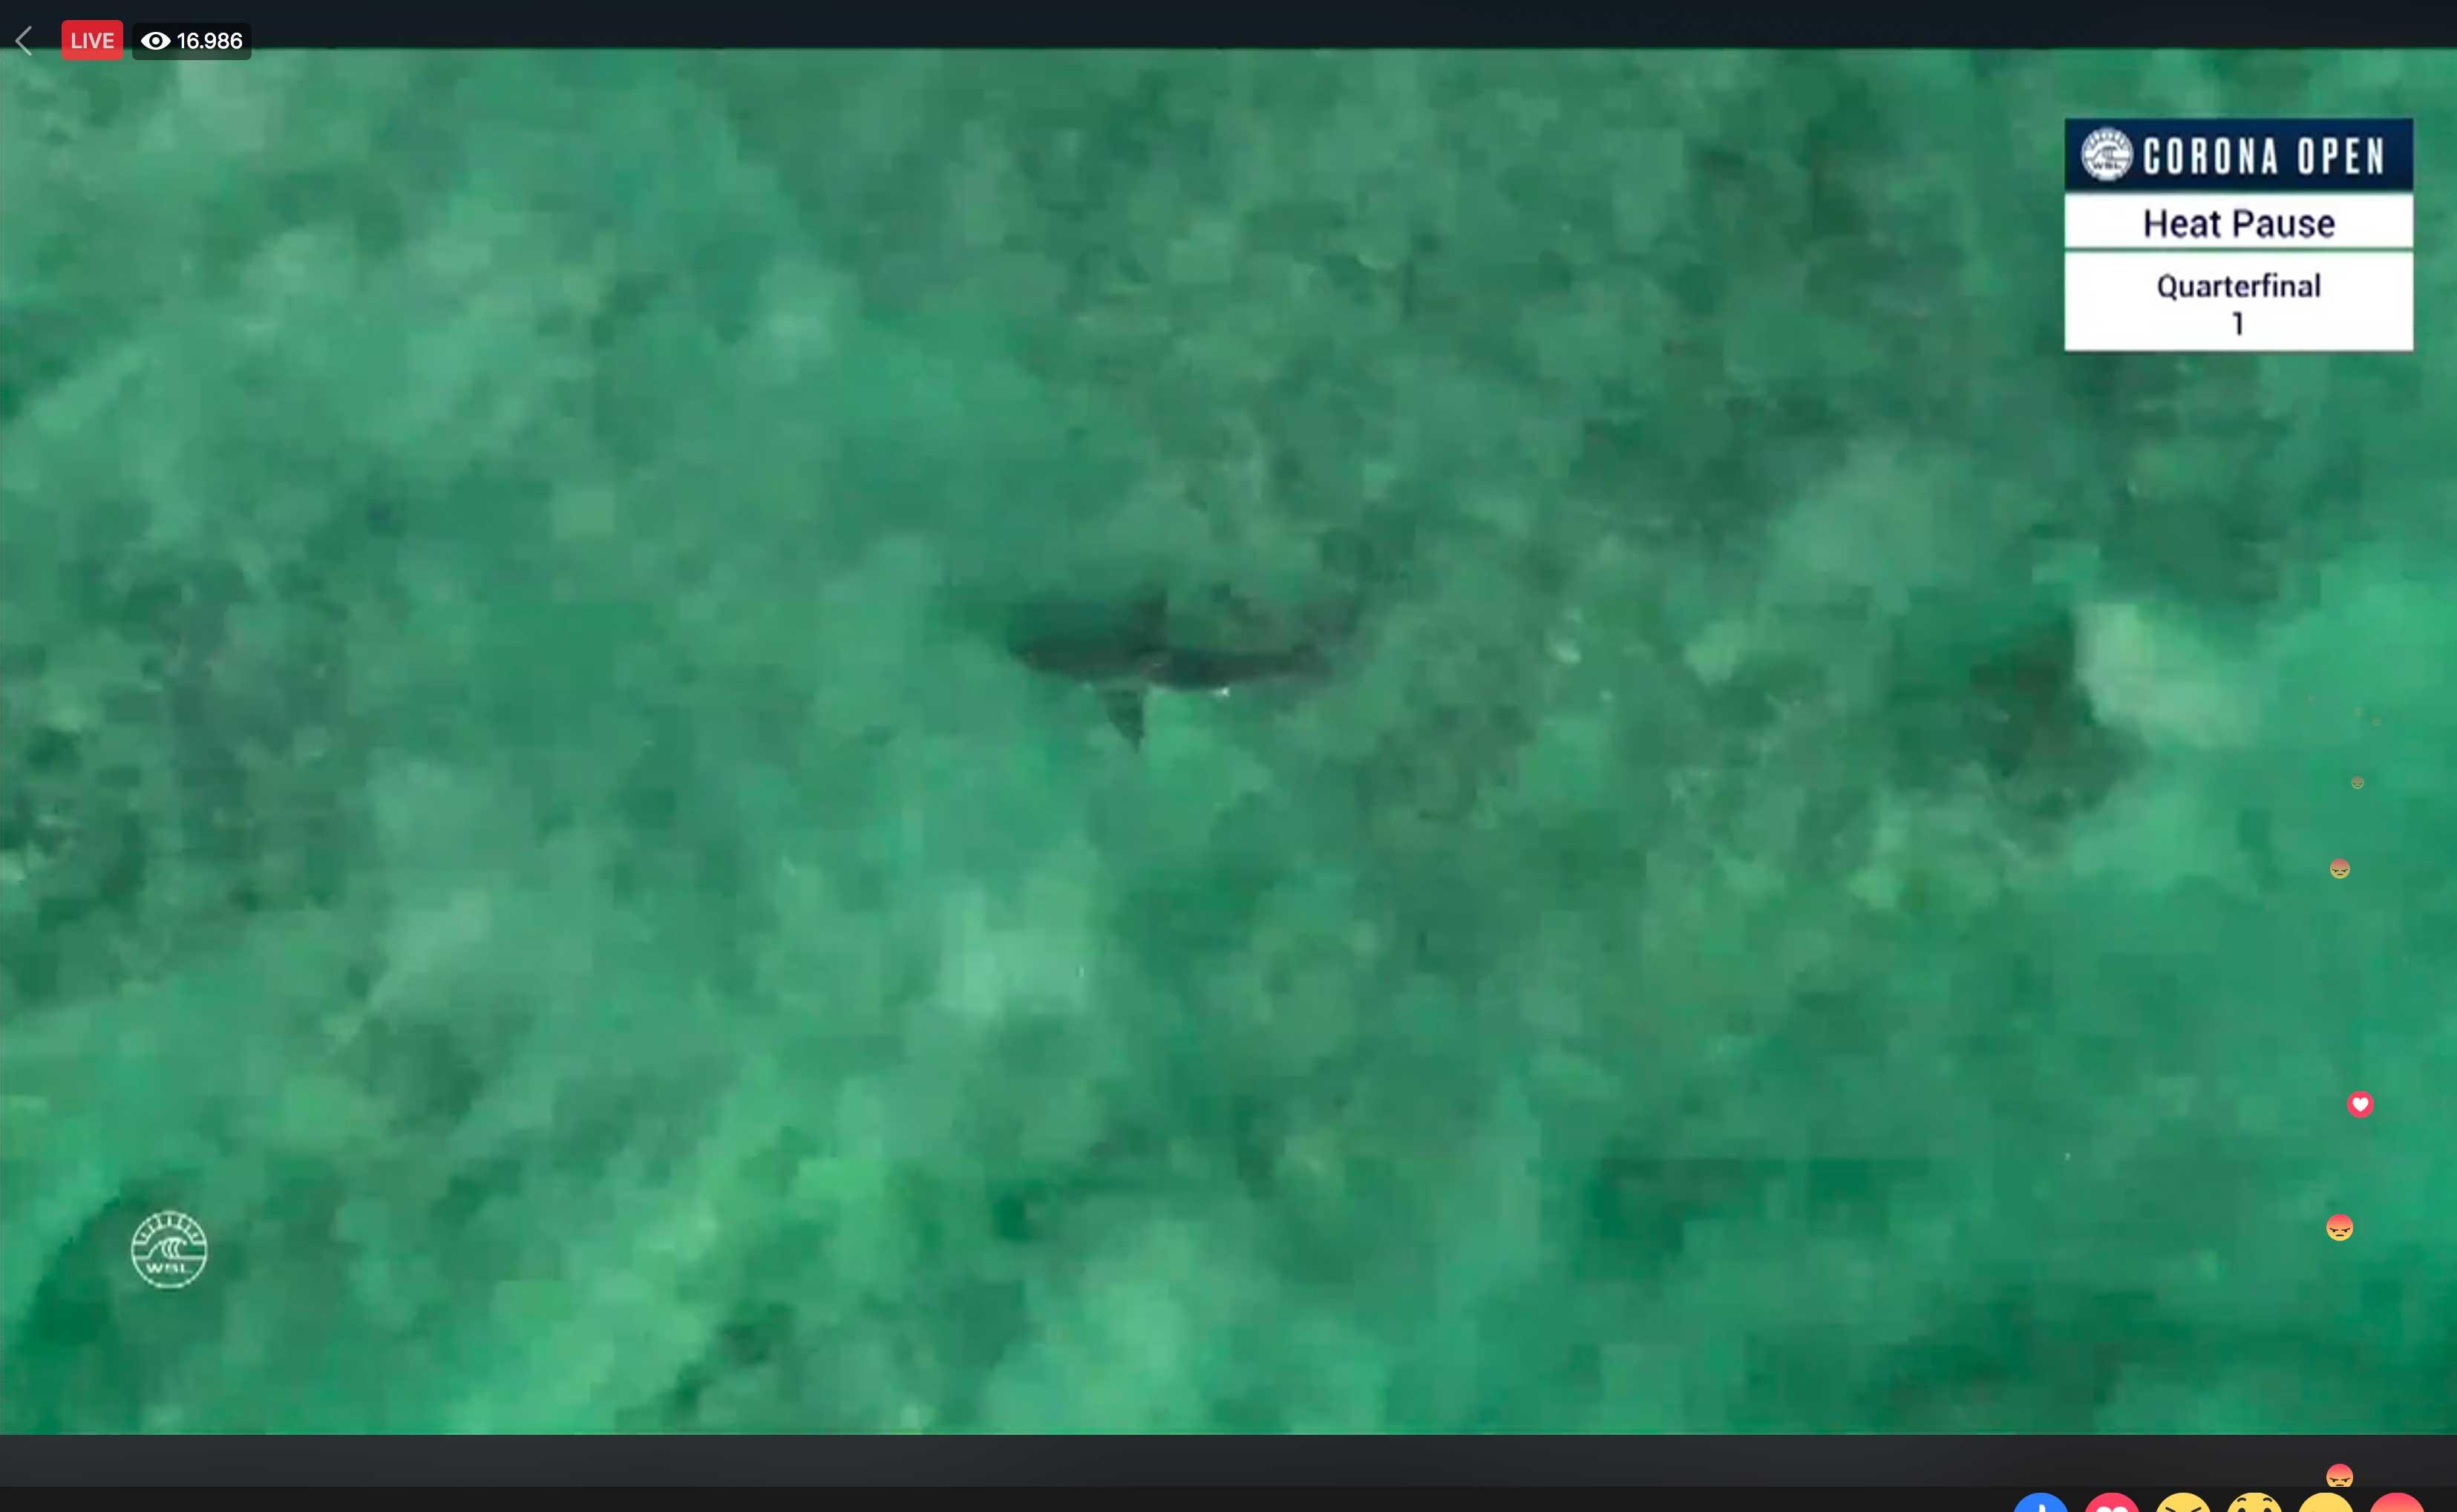 Als ein Weißer Hai am Finaltag für eine Unterbrechung sorgte, sahen knapp 17.000 Fans zu.